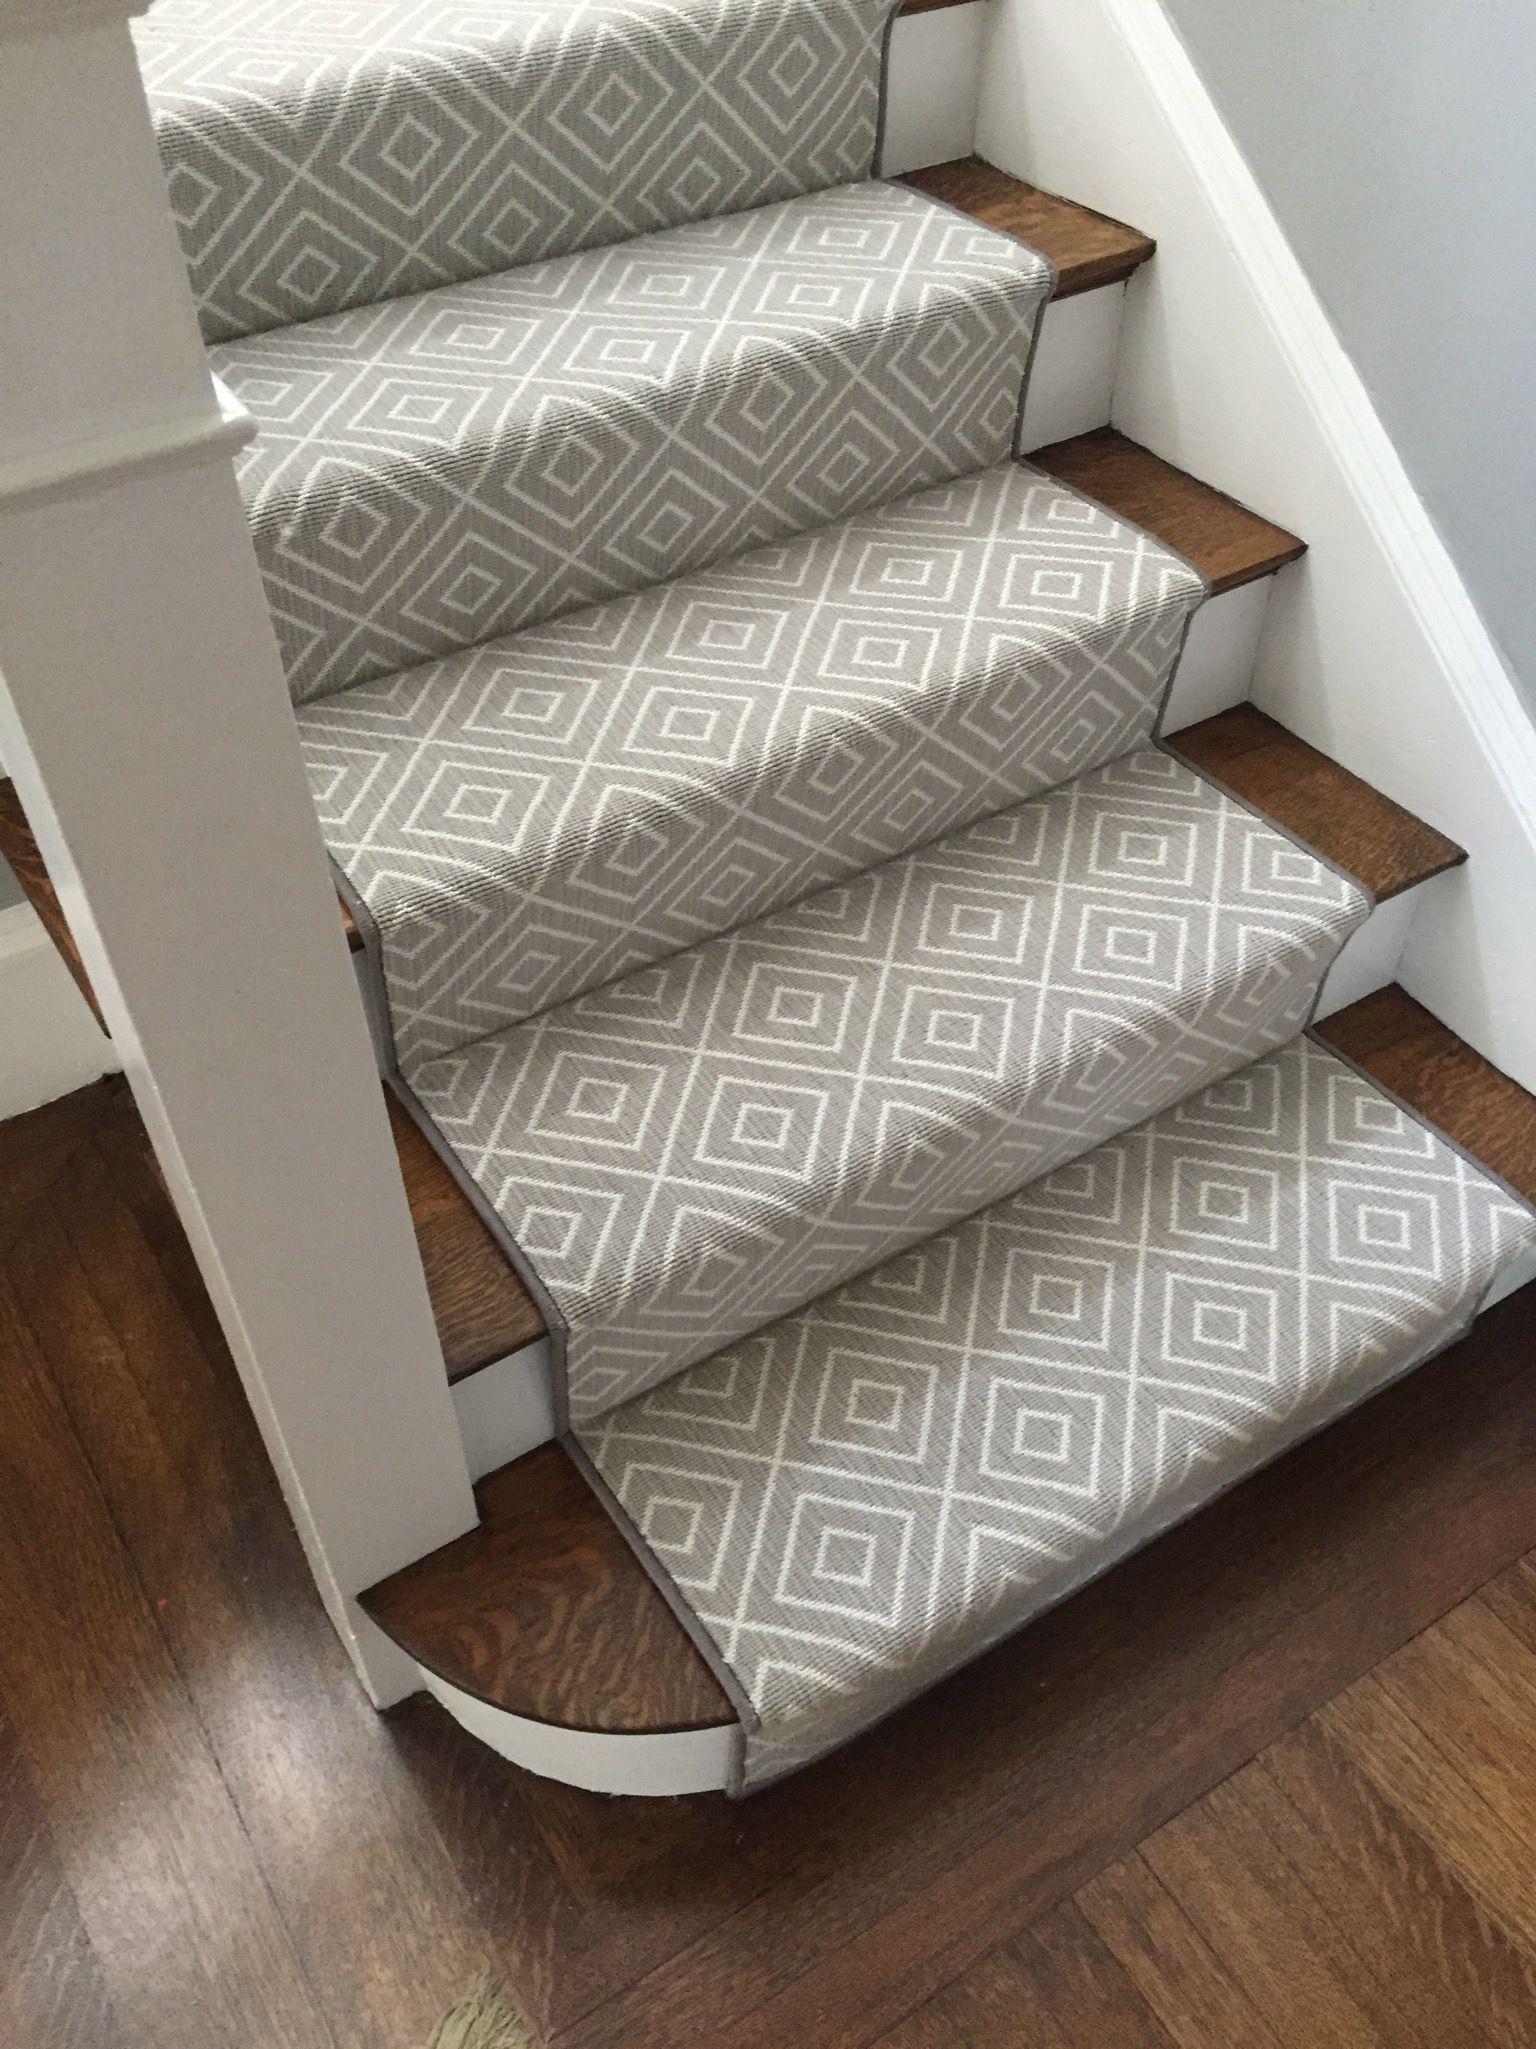 Custom Rug Fabrication Stair Runner Carpet Carpet | Best Rug For Stairs